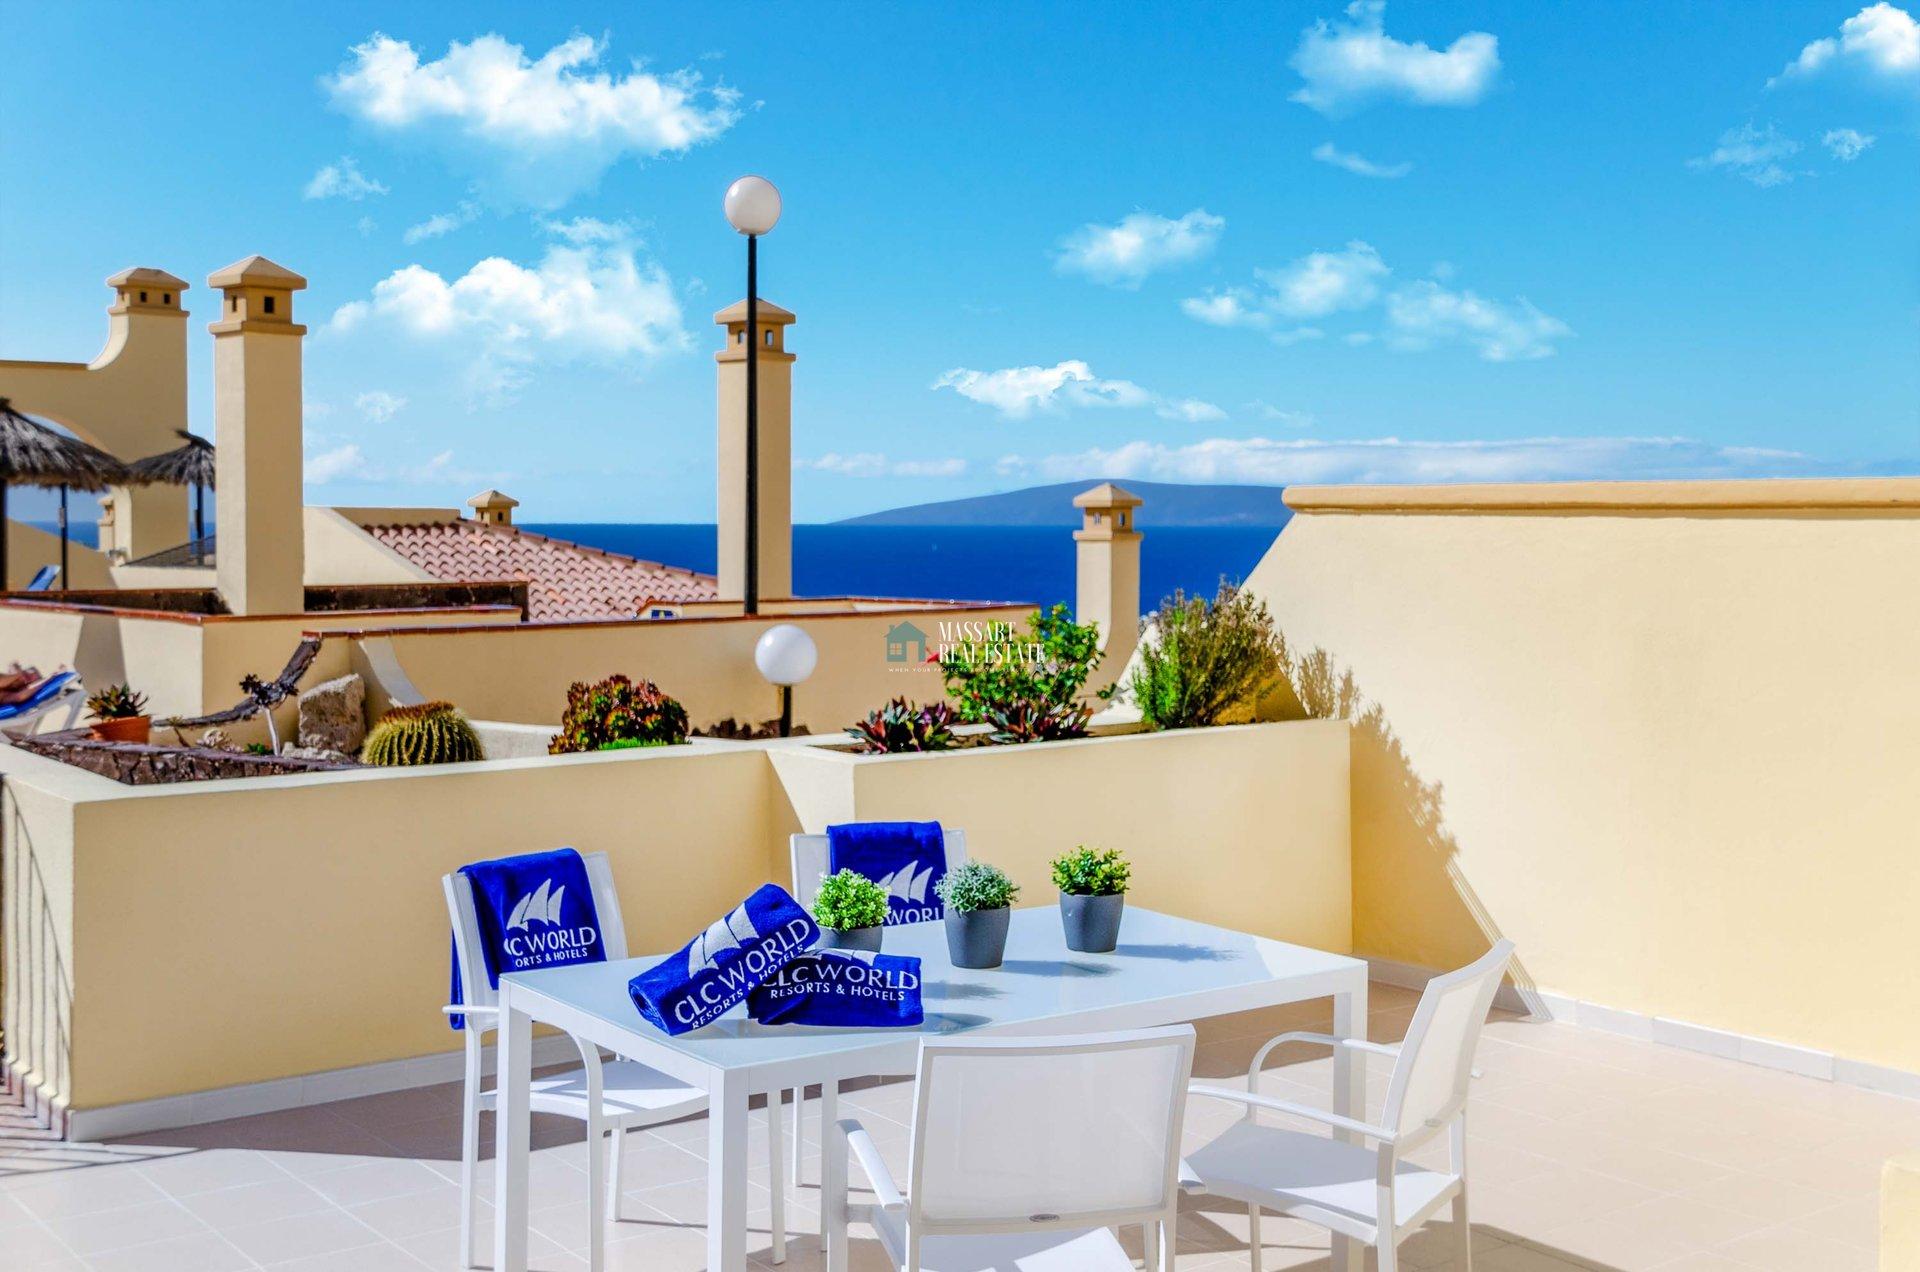 AUSSERORDENTLICHE ANLAGEMÖGLICHKEITEN! - Ferienwohnung, die Ihnen eine hohe und dauerhafte wirtschaftliche Rentabilität garantiert.